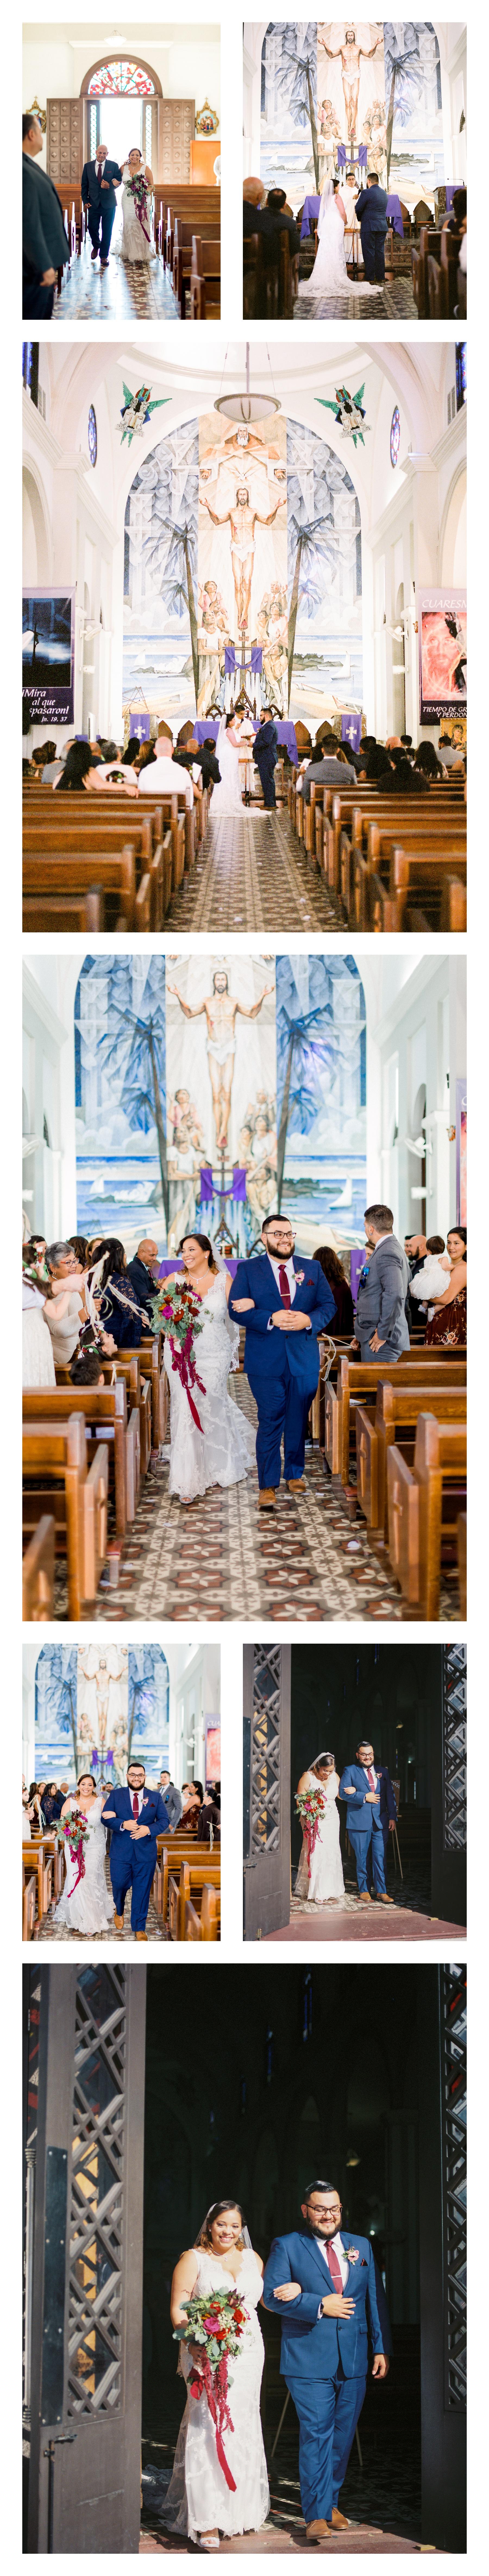 villa-montana-resort-isabela-puerto-rico-wedding_0013.jpg